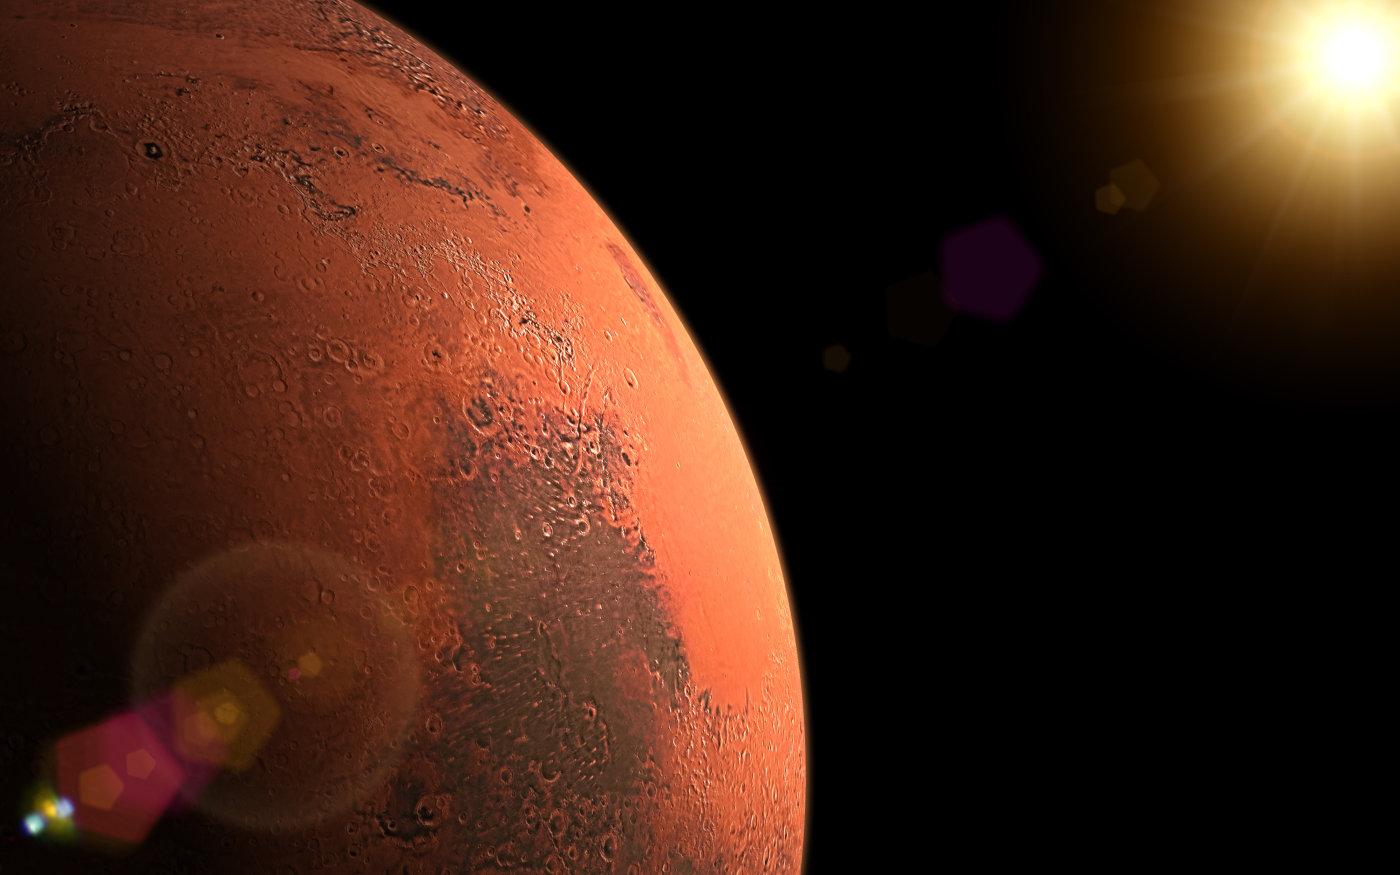 火星经历多次冰期循环